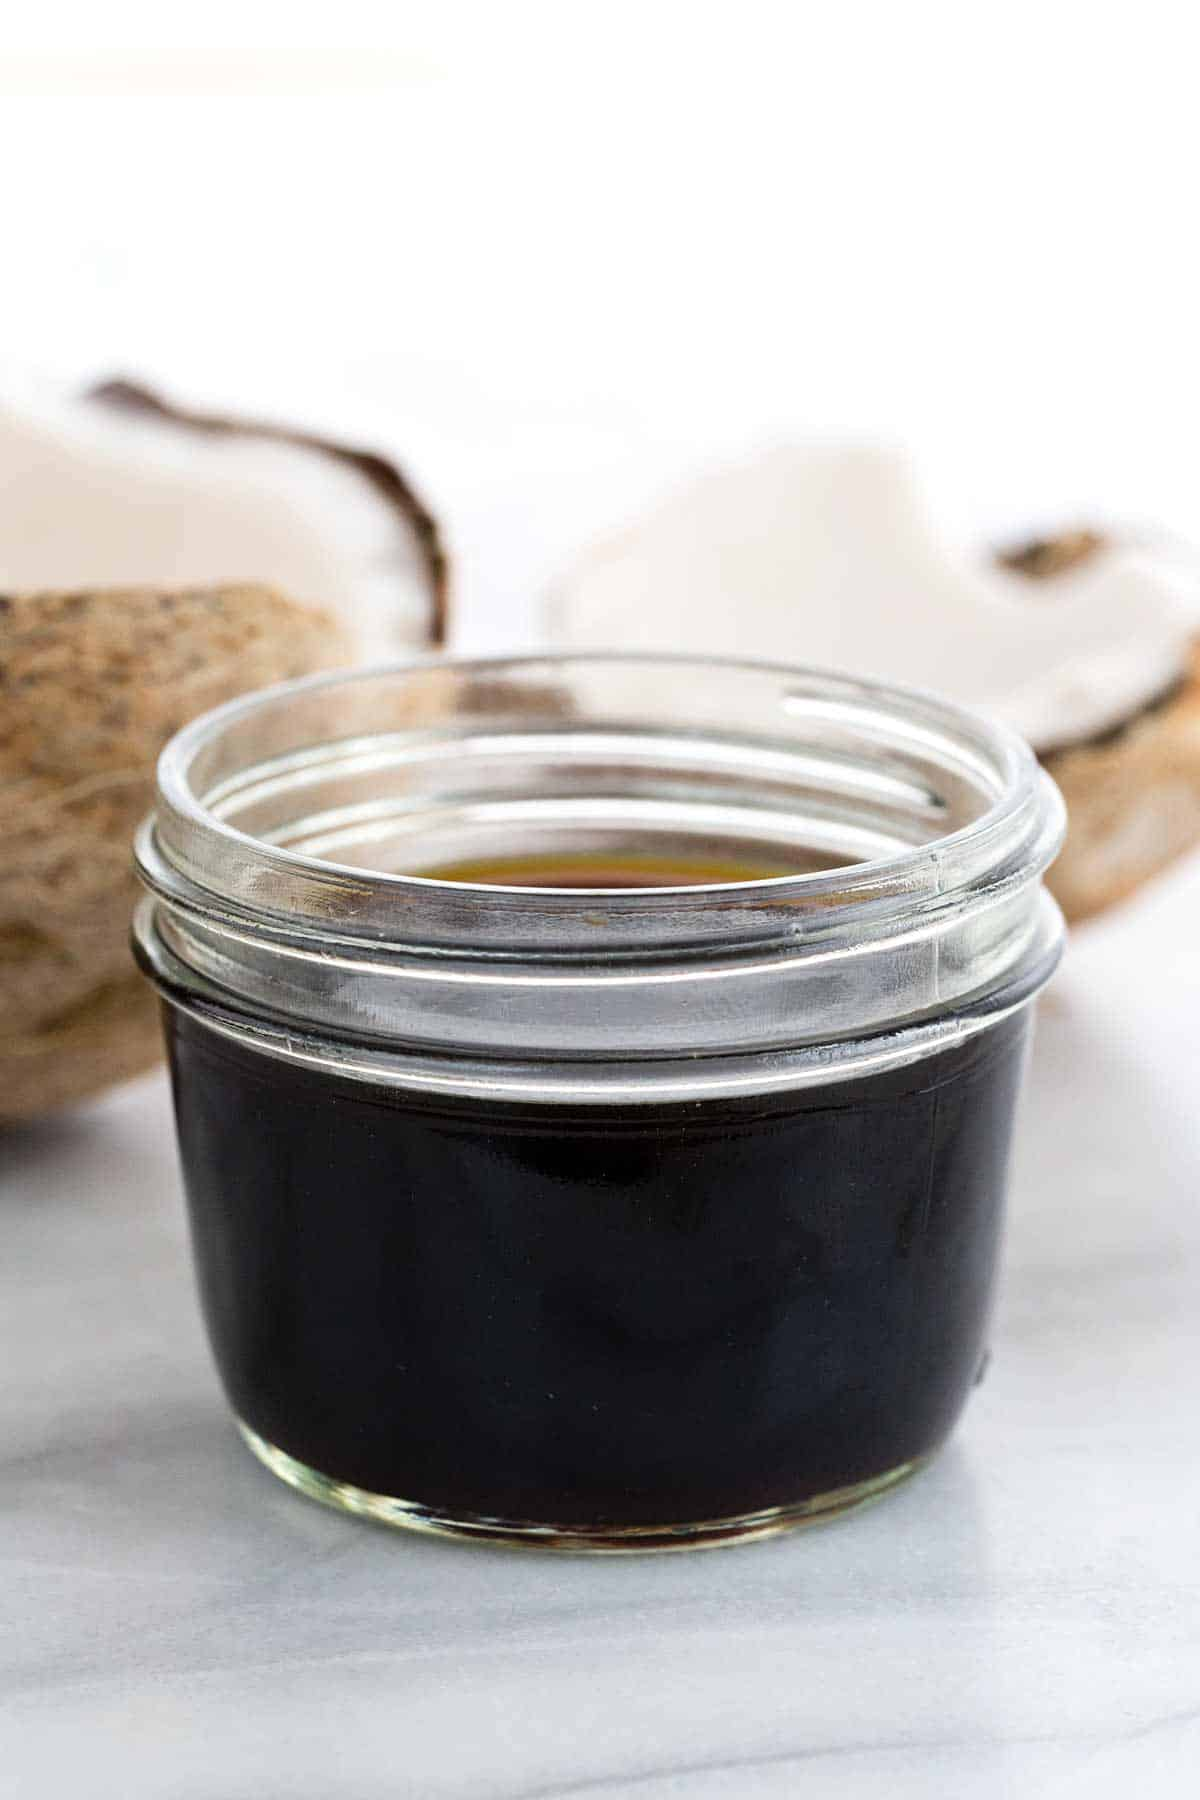 Farr Better Creamy Mushroom Stroganoff has coconut aminos as an ingredient in Farr Better Recipes®